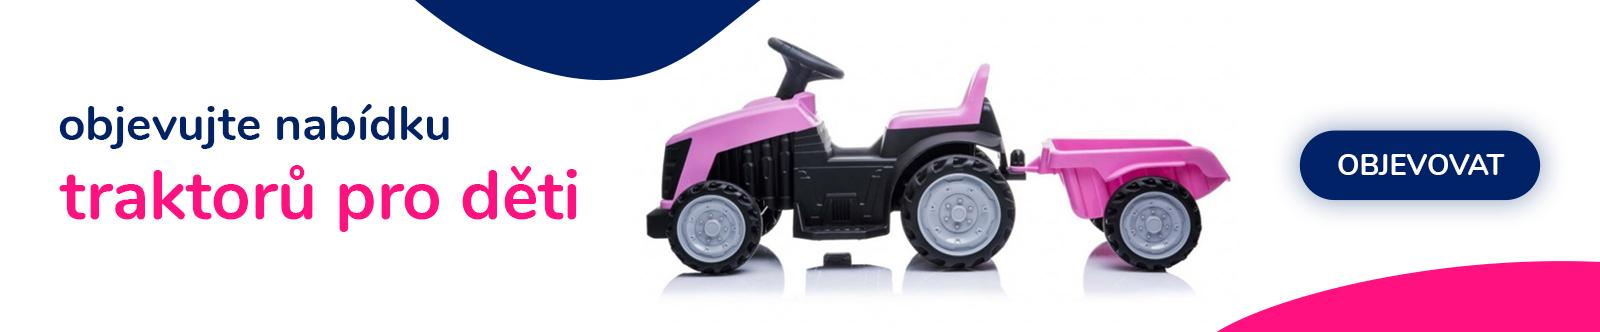 Traktory pro děti